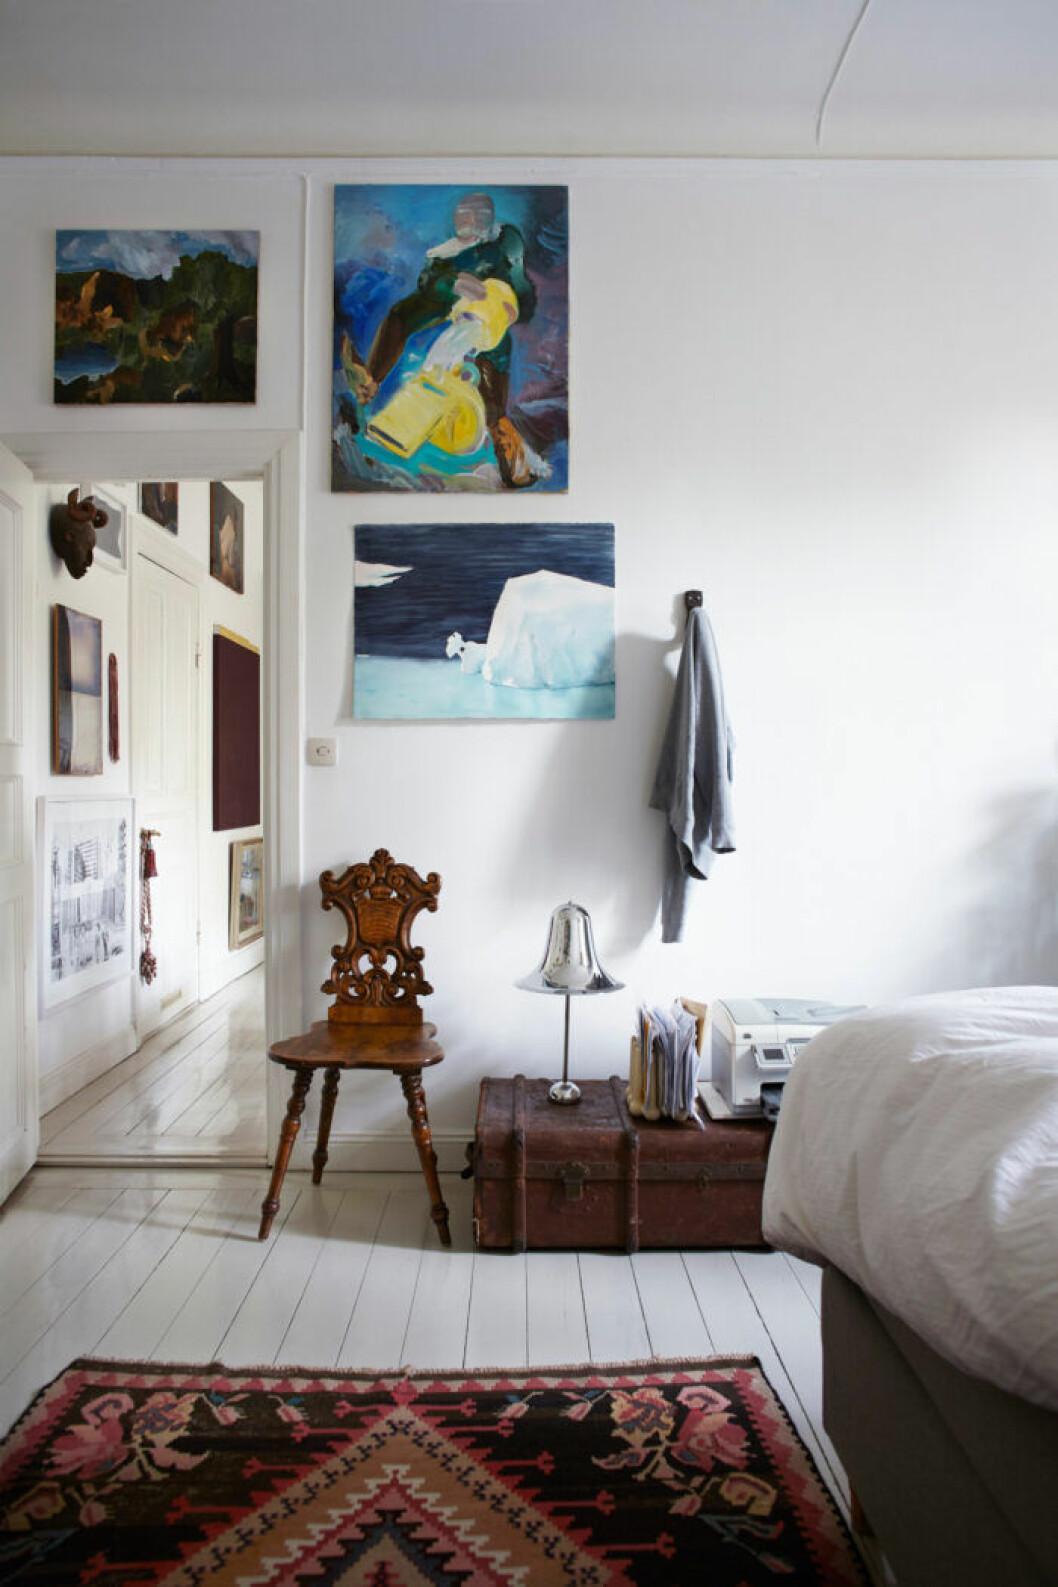 Konst i sovrummet hos Jakob Solgren och Gustav Nordenskiöld